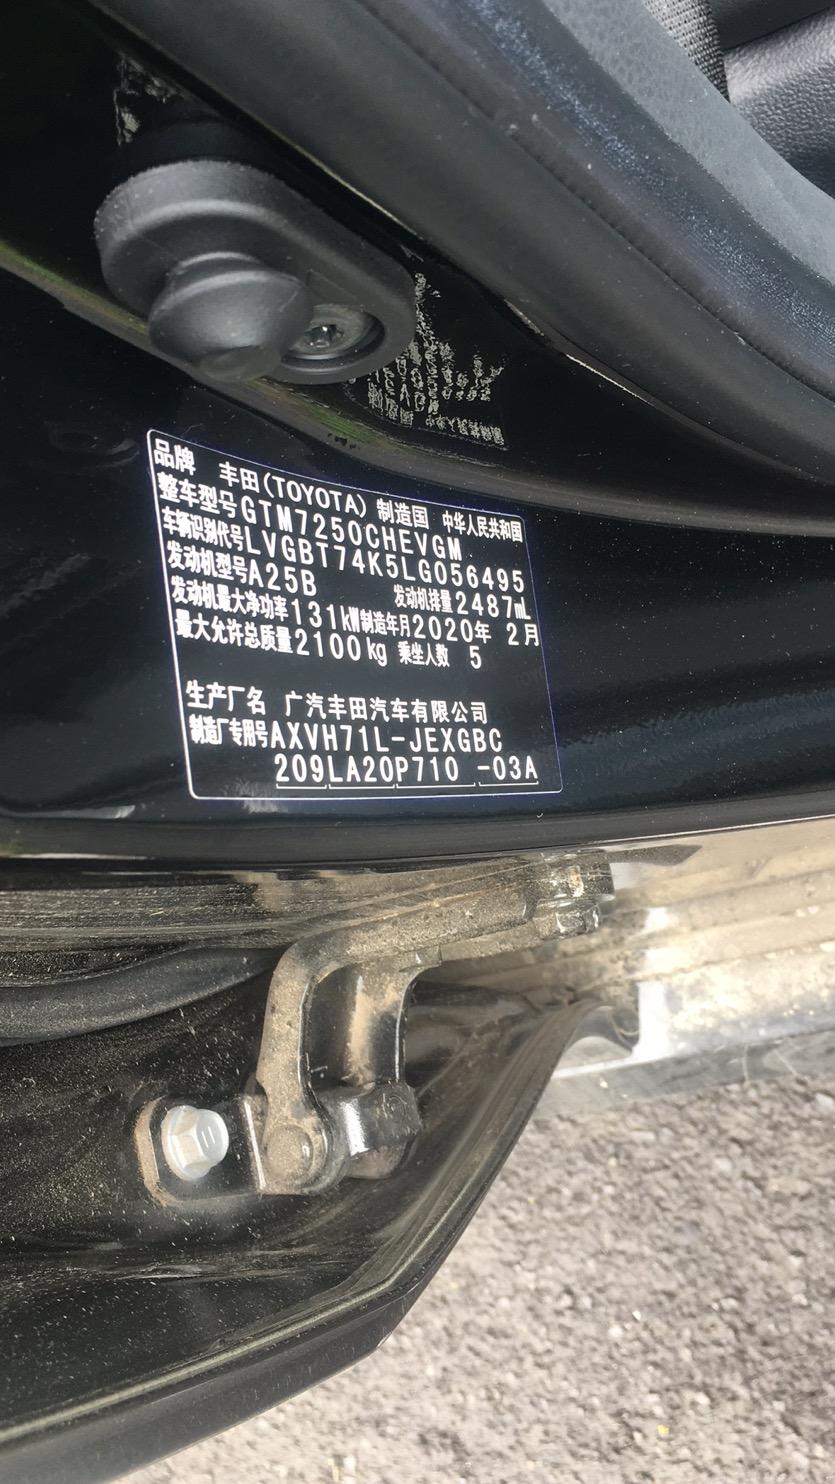 在泰兴嘉瑞购买了一辆生产超过6个月的库存车